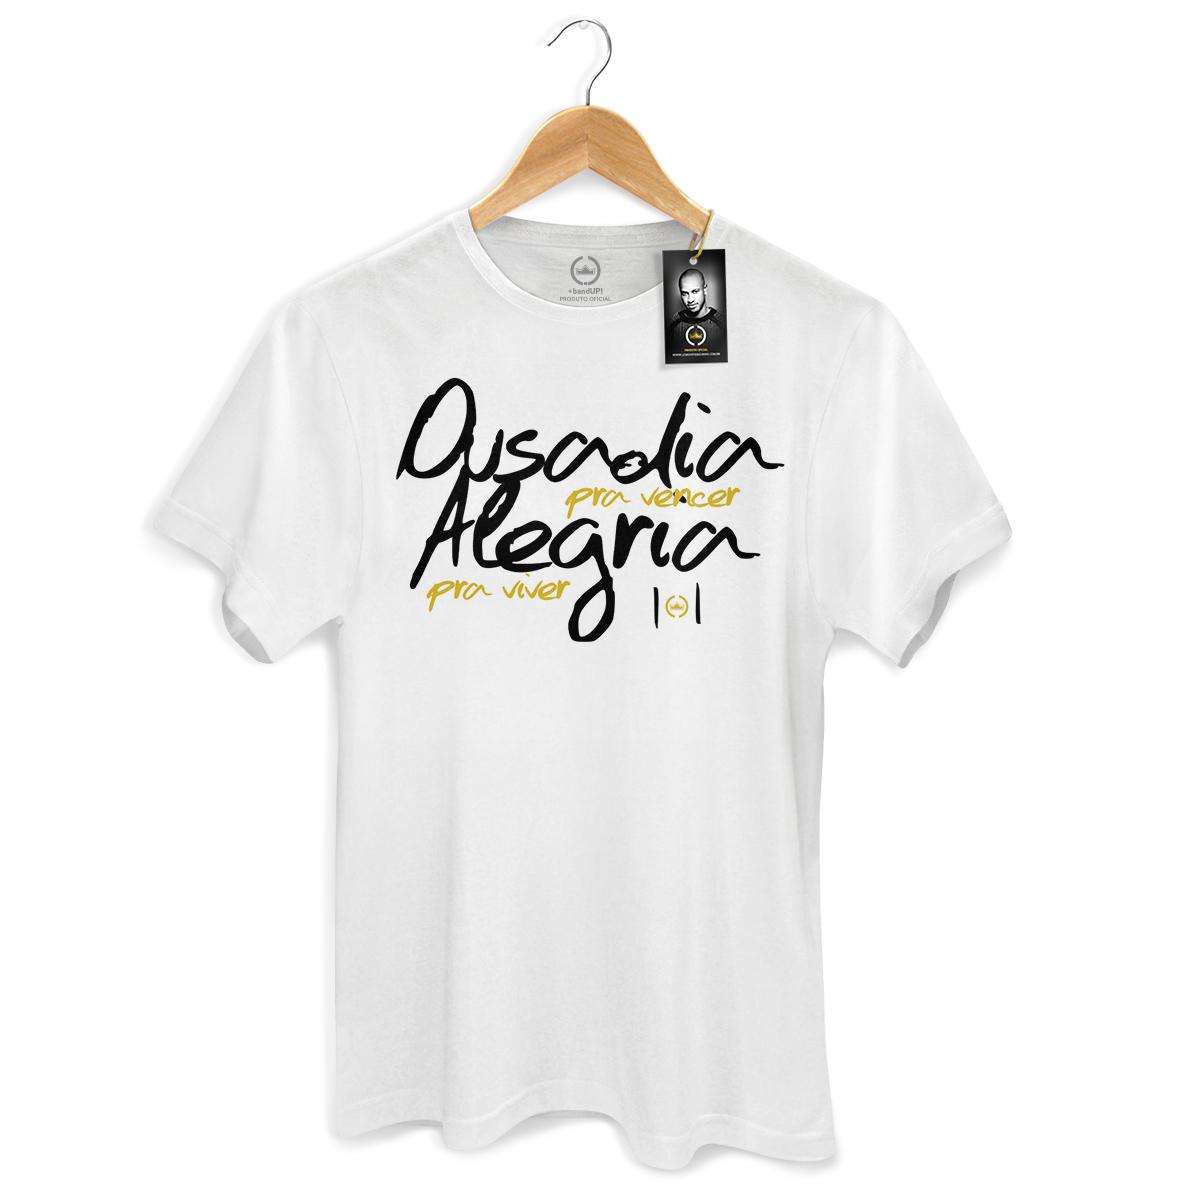 Camiseta Masculina Thiaguinho Ousadia Pra Vencer